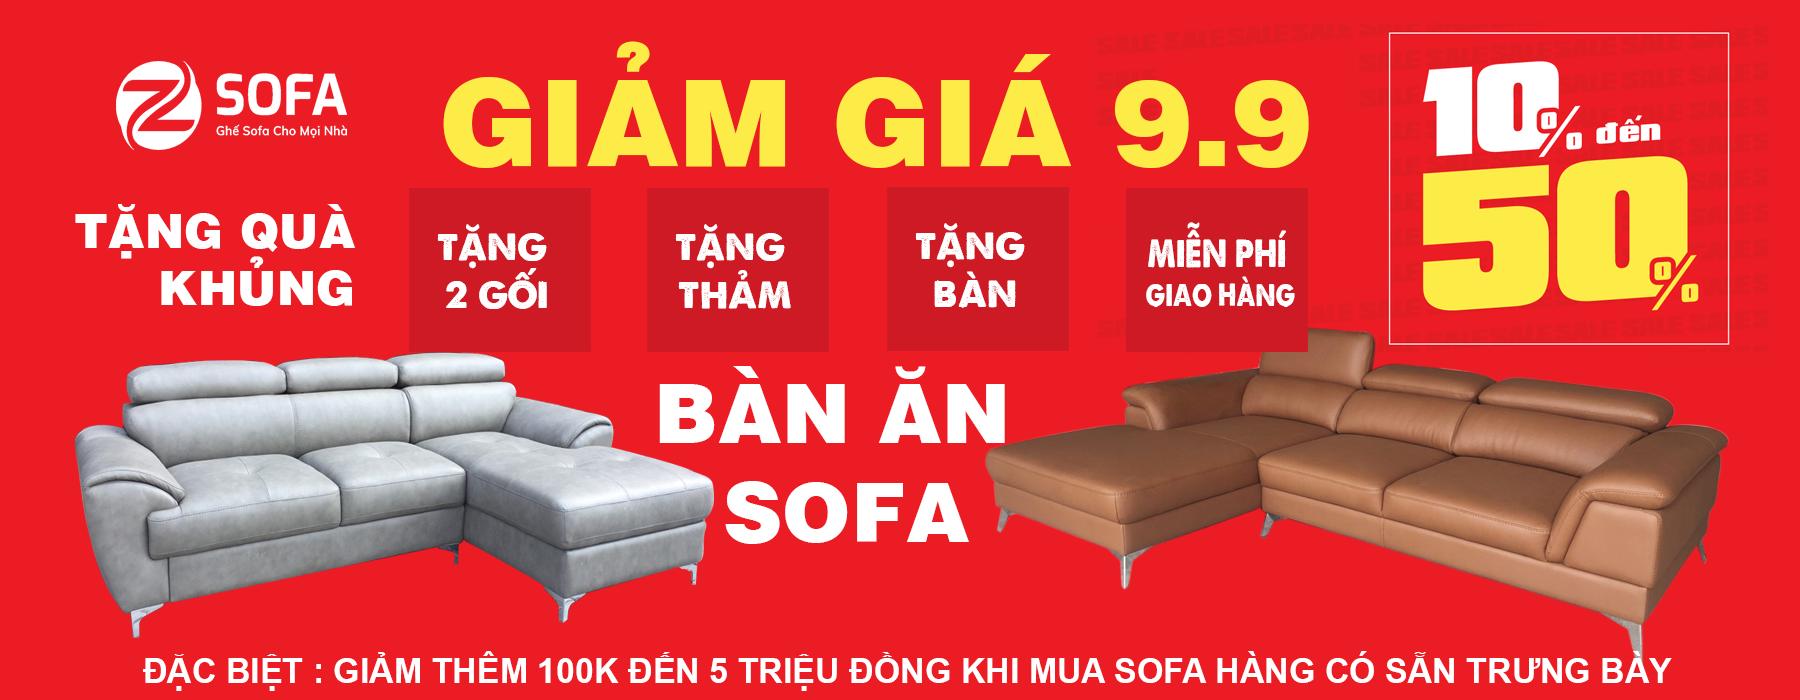 khuyen mai sofa